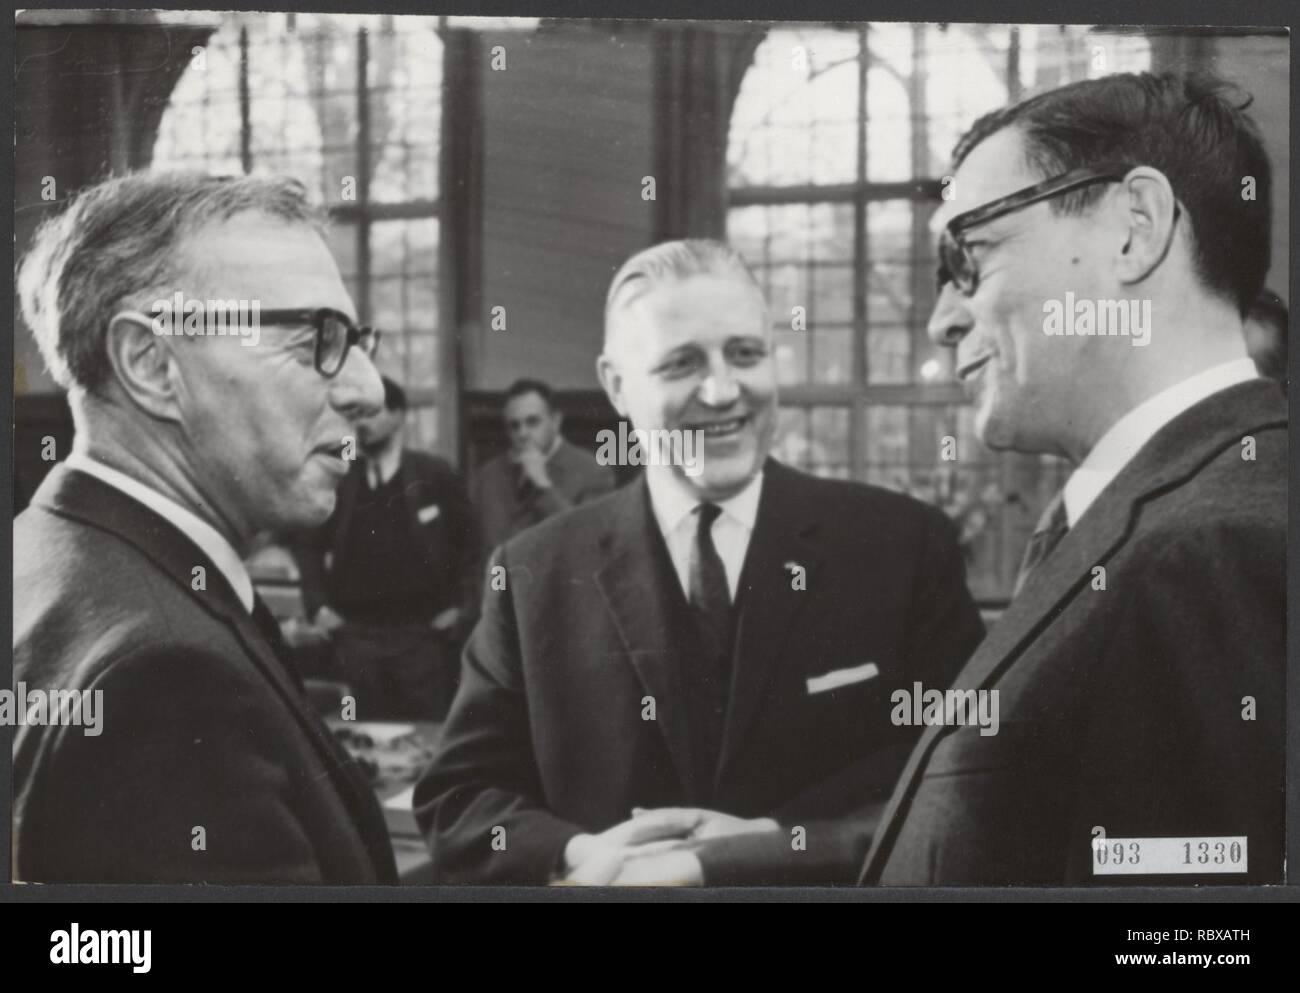 Activiteiten minister van financien zijlstra in 1966 1967, Bestanddeelnr 093-1330. - Stock Image